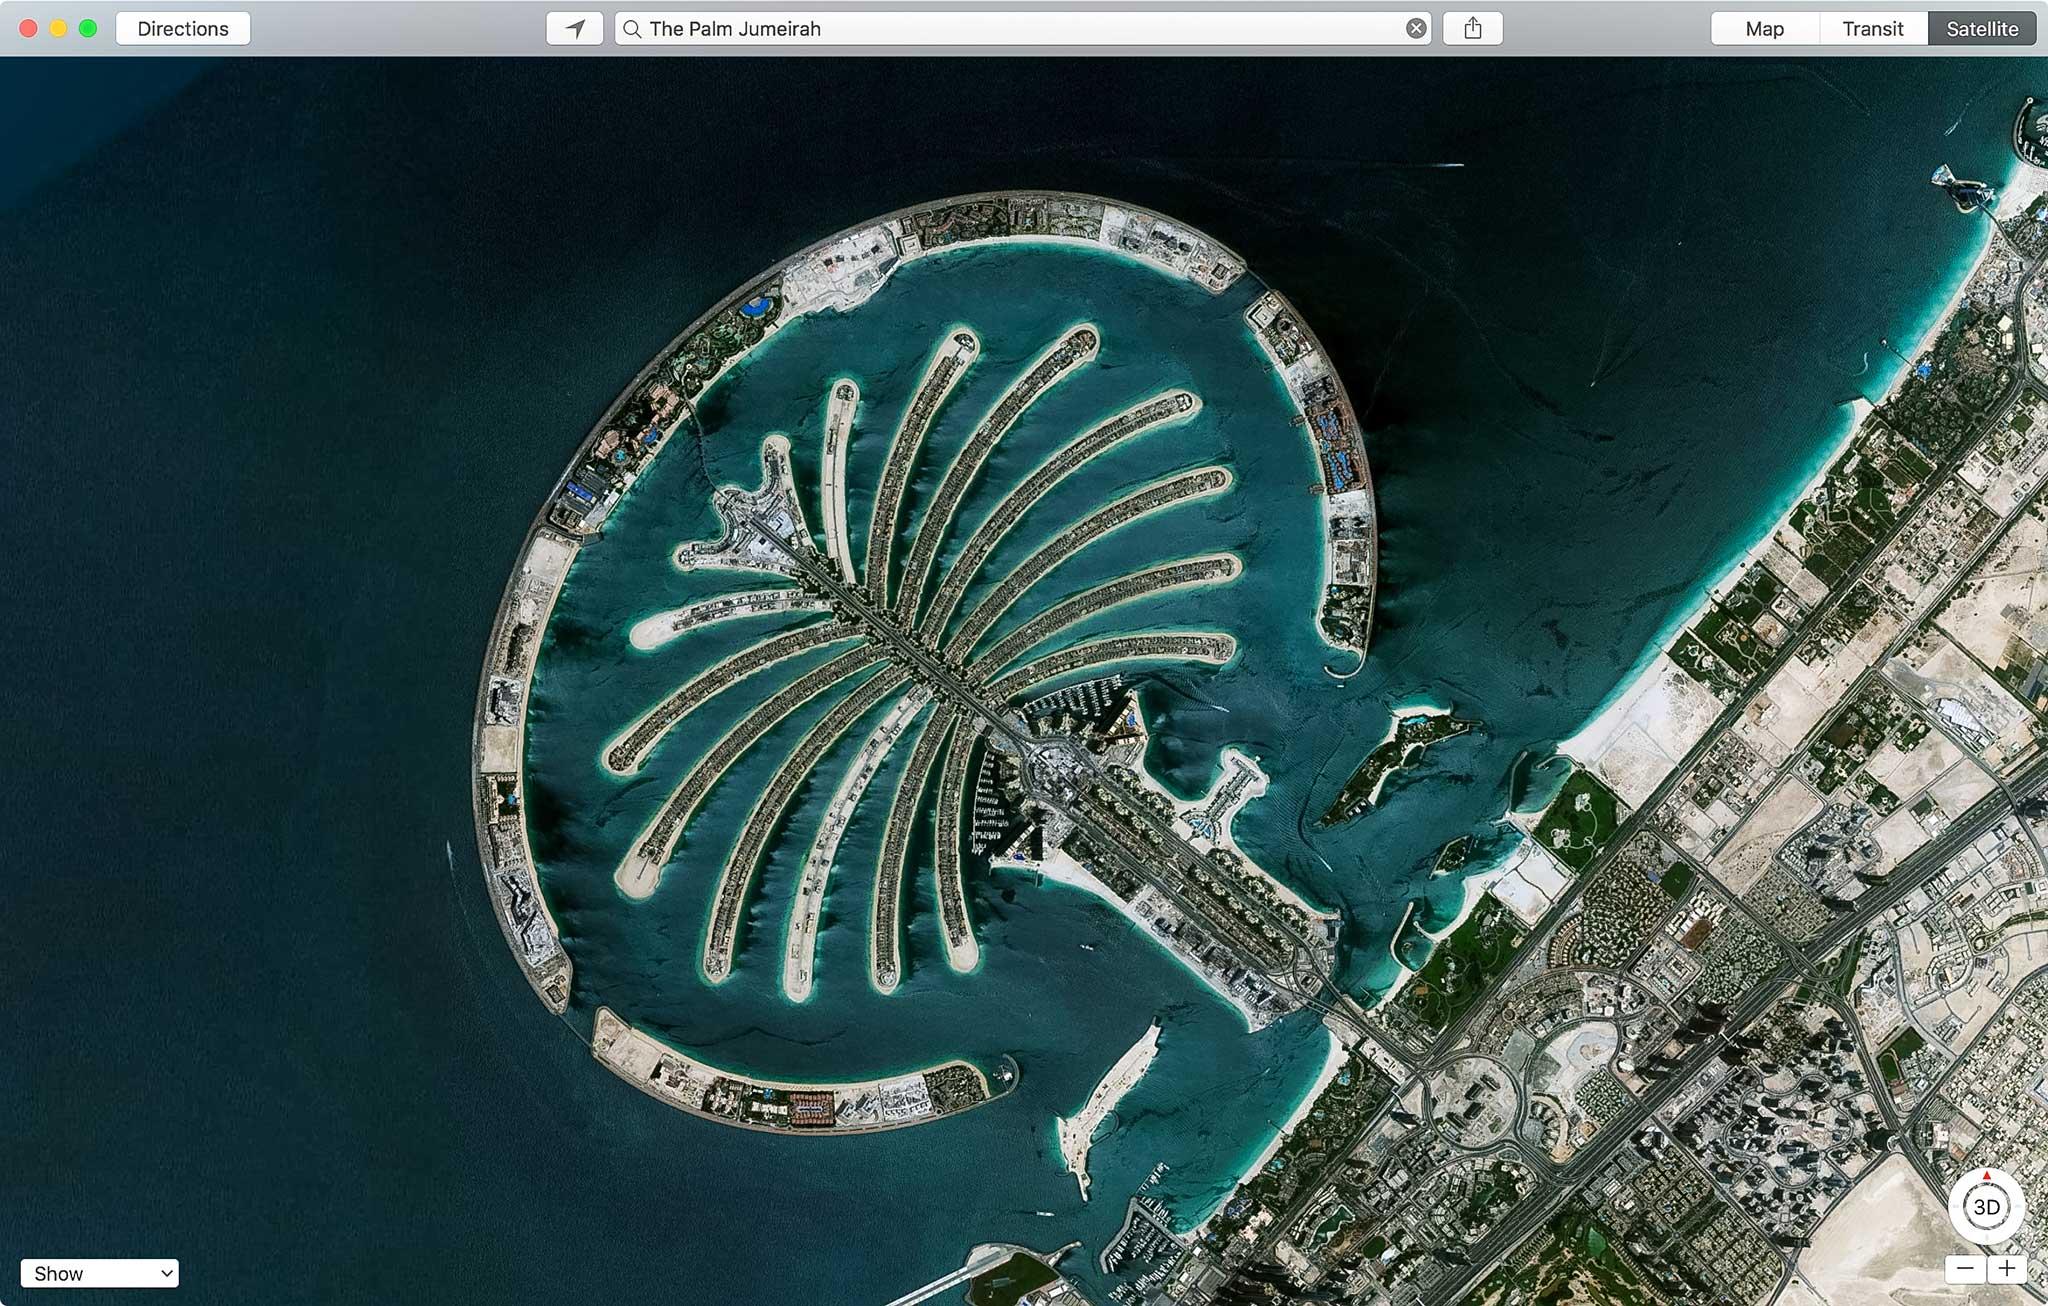 Đảo Palm Jumeirah, UAE.